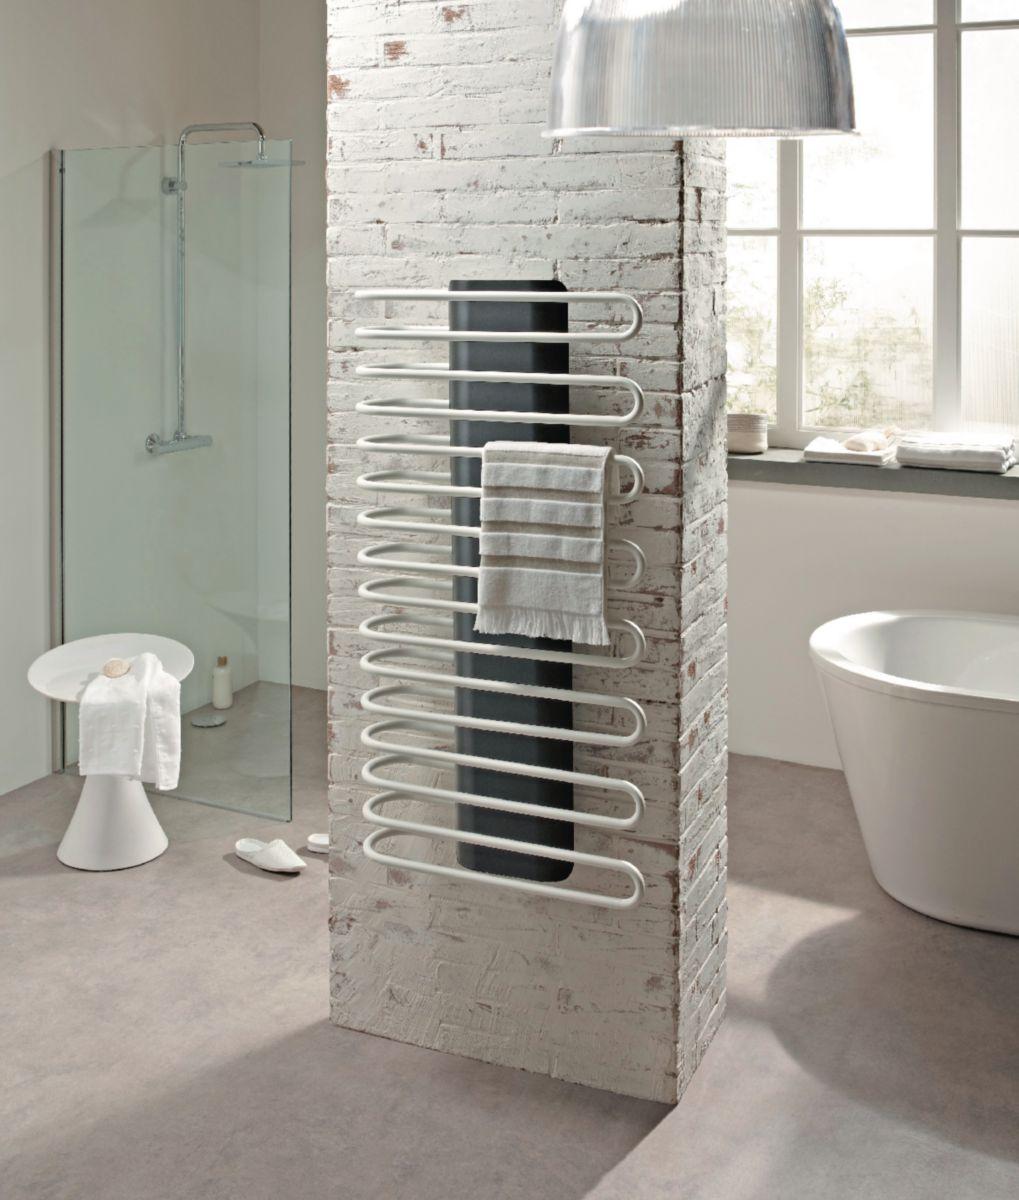 Sèche-serviettes SANAGA eau chaude 777 W